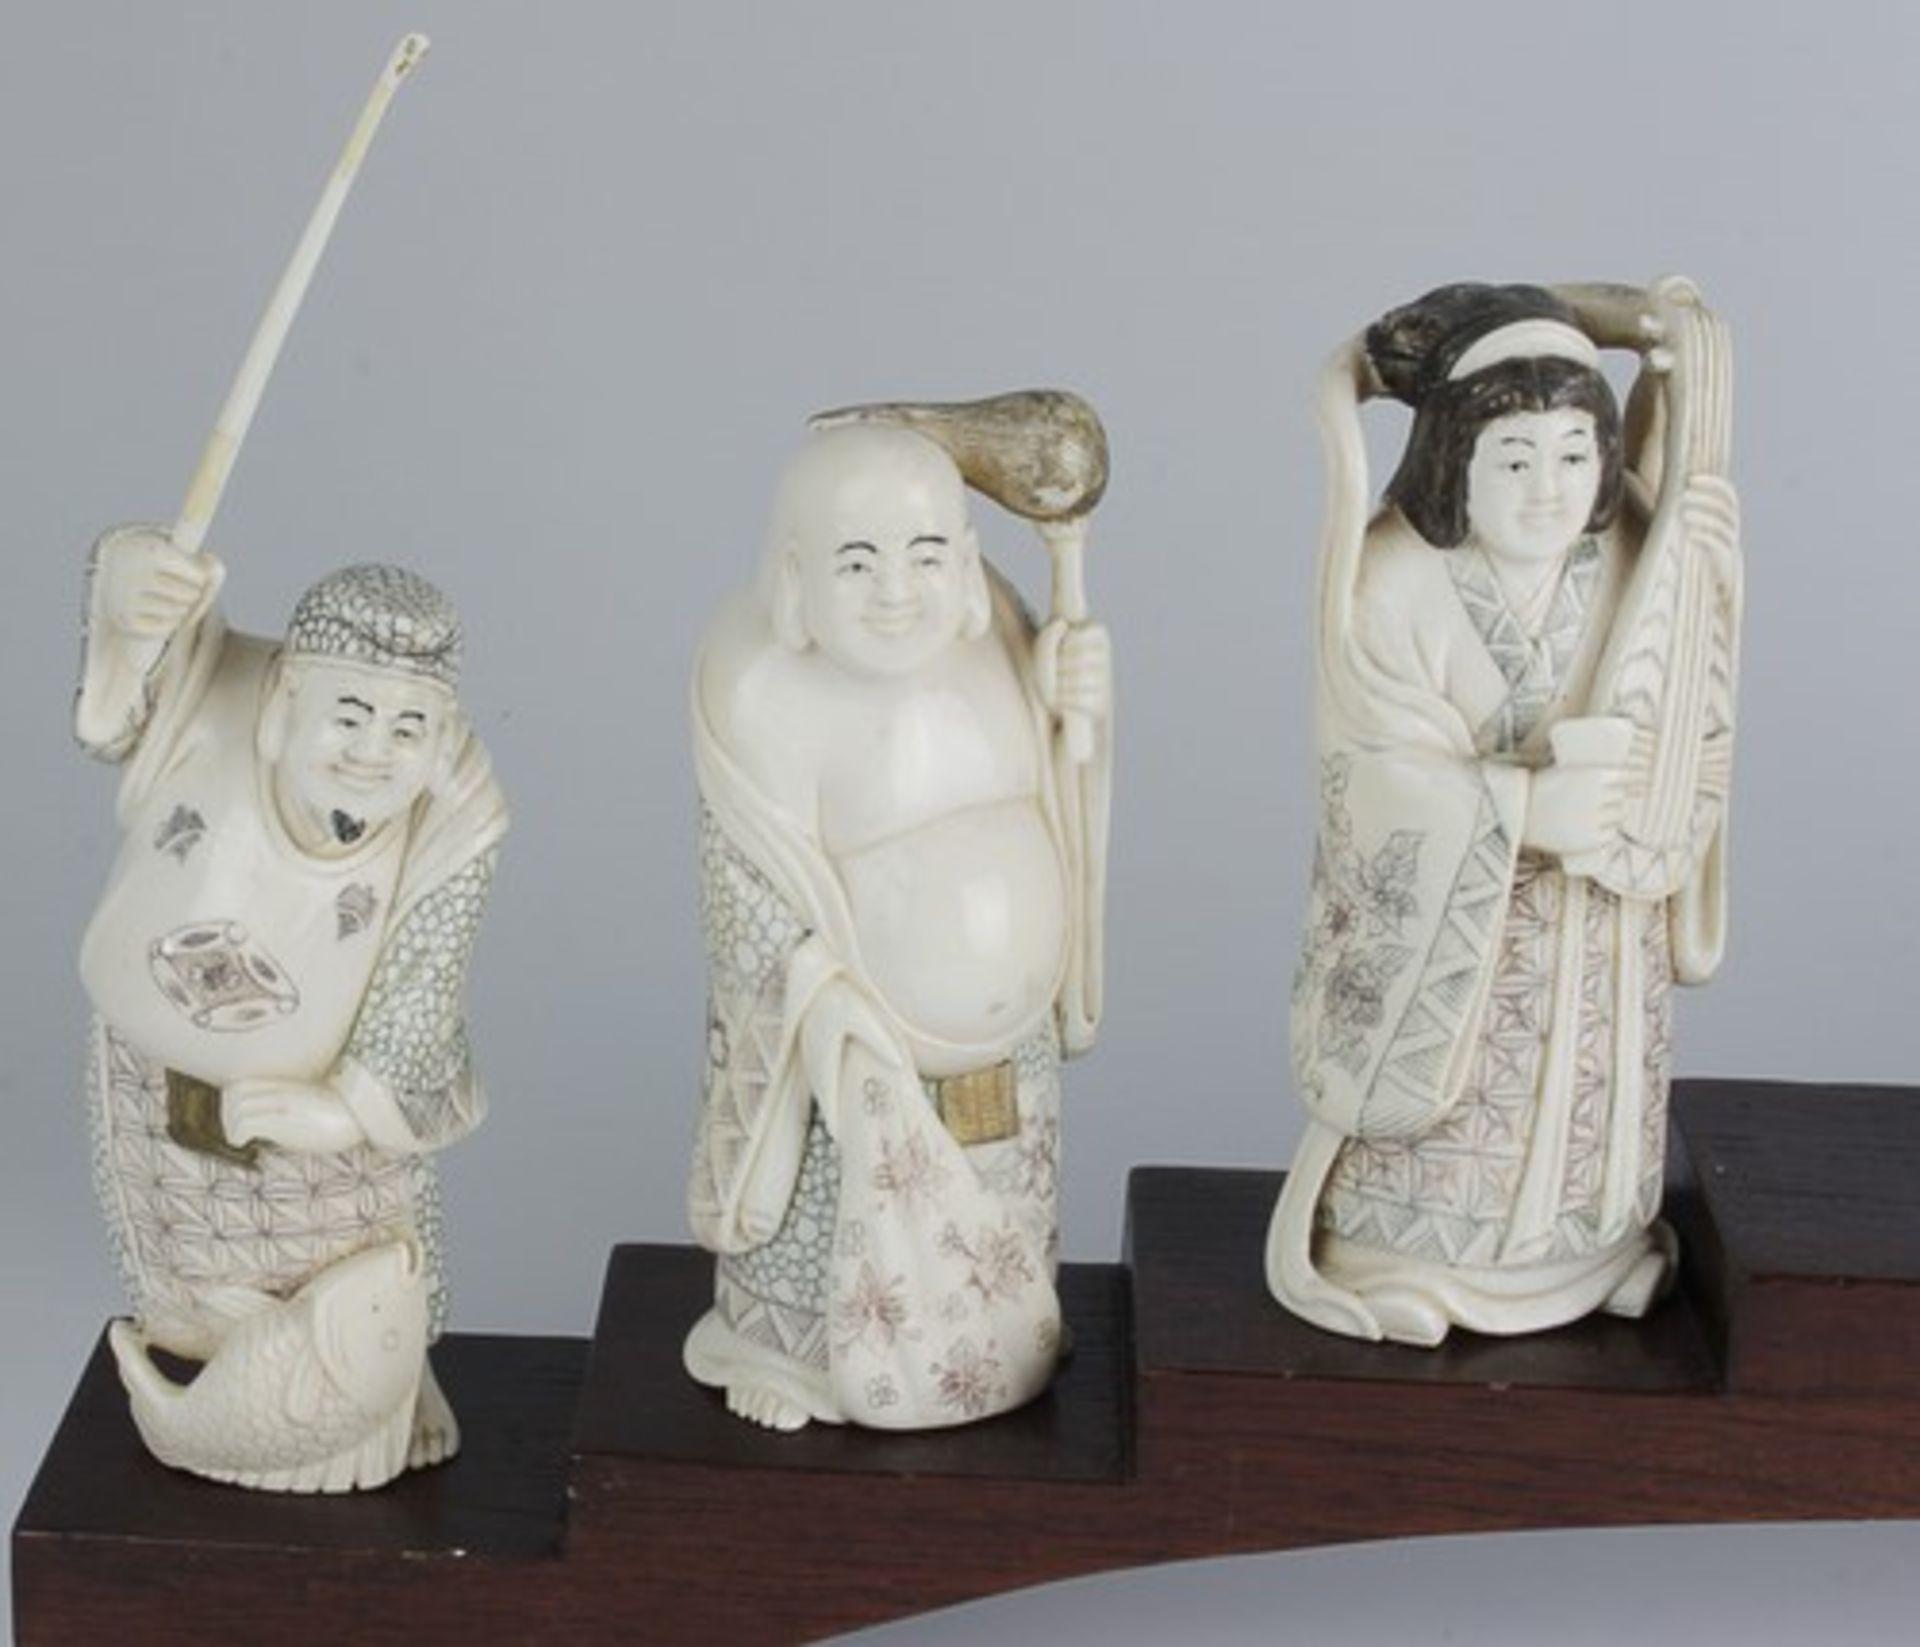 Figurengruppe - Chinaum 1920, 7x vollplastische Elfenbein-Schnitzereien, partiell geschwärzt, - Bild 13 aus 24